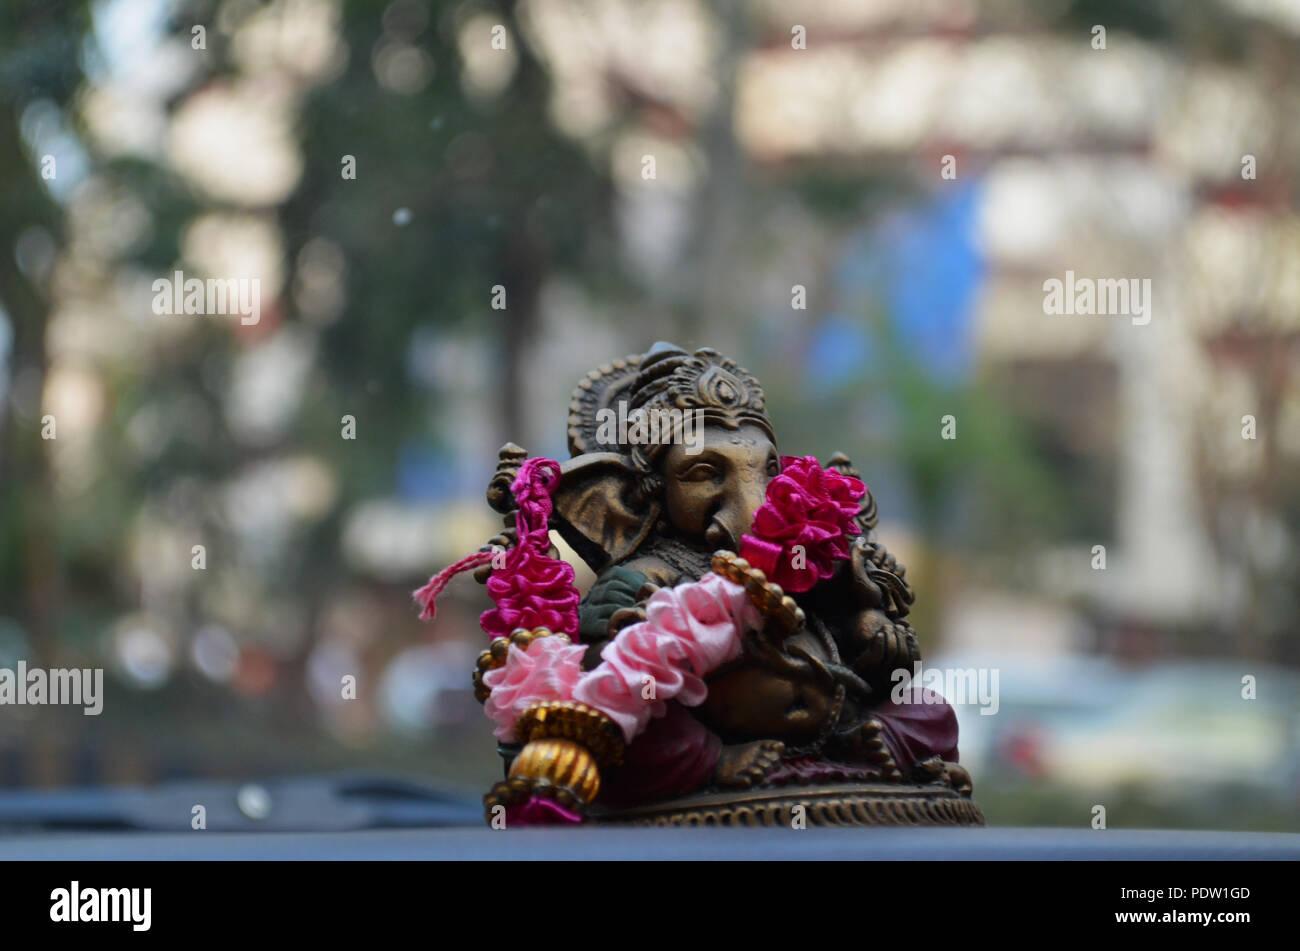 Hindu Elephant God Ganesha Bronze Idol On A Car Dashboard Stock